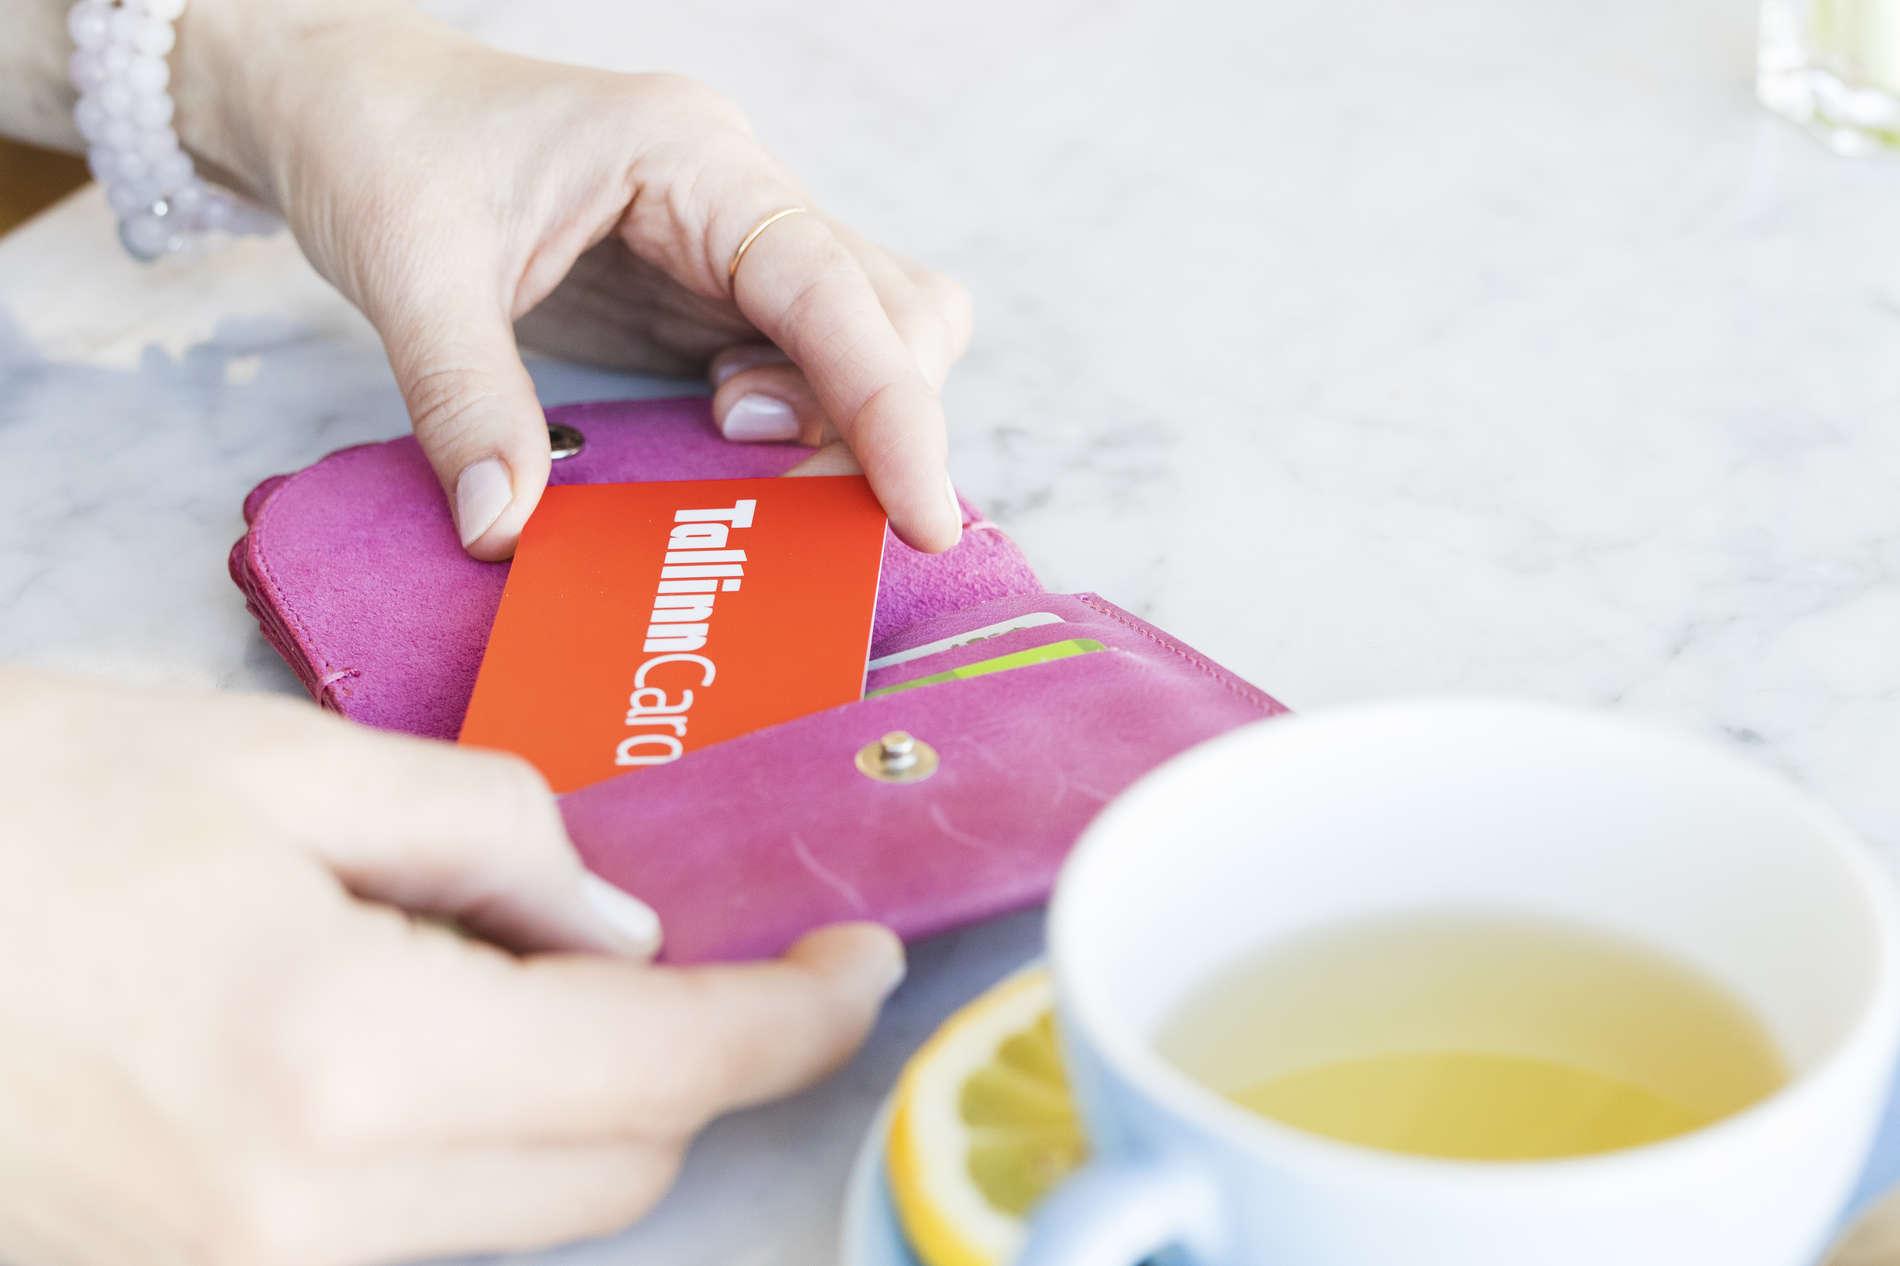 Tallinn Card: pay less to see more - VisitTallinn